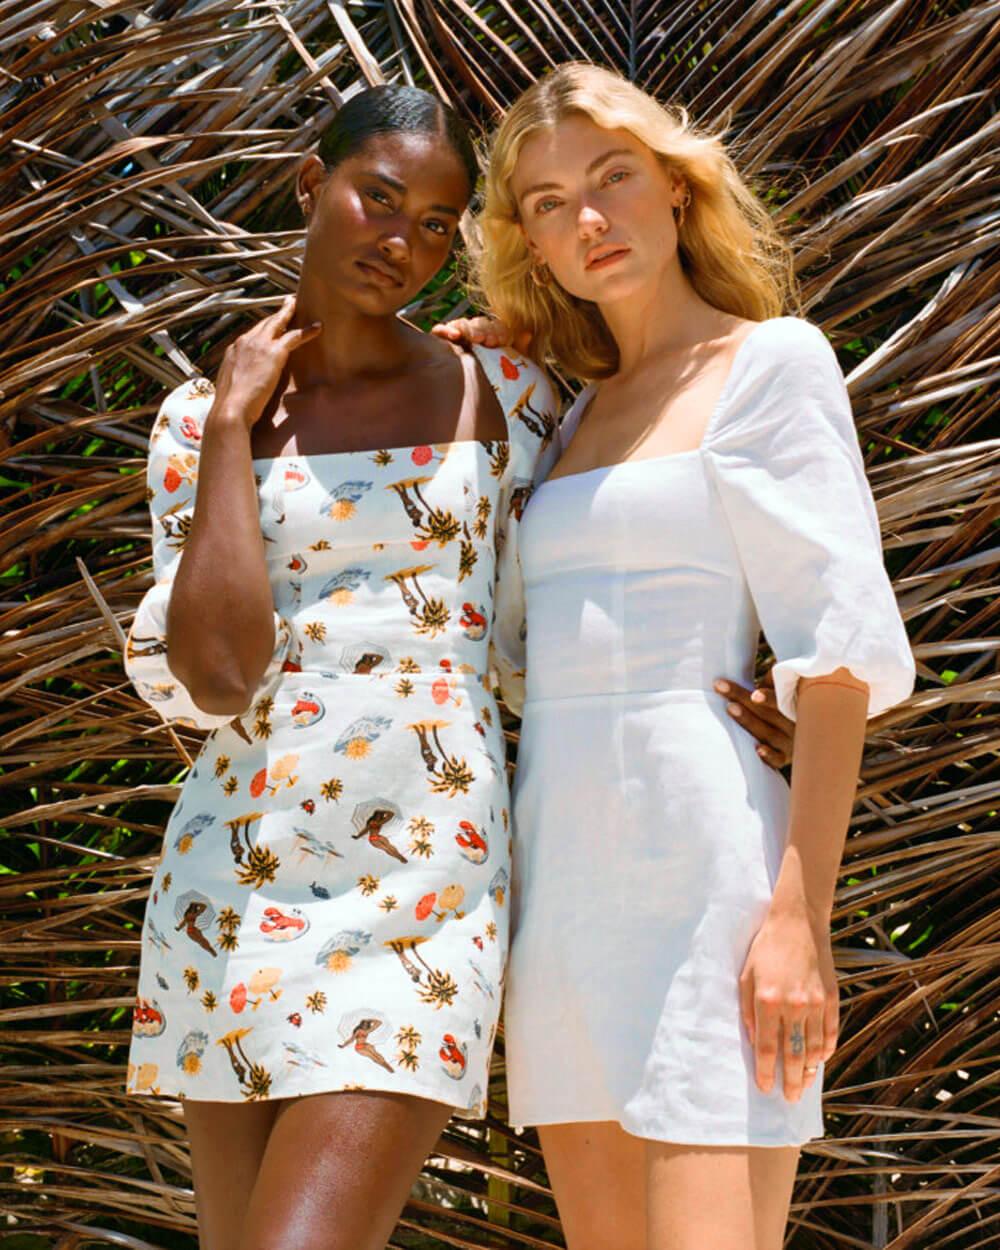 Reformation sustainable Boho clothing